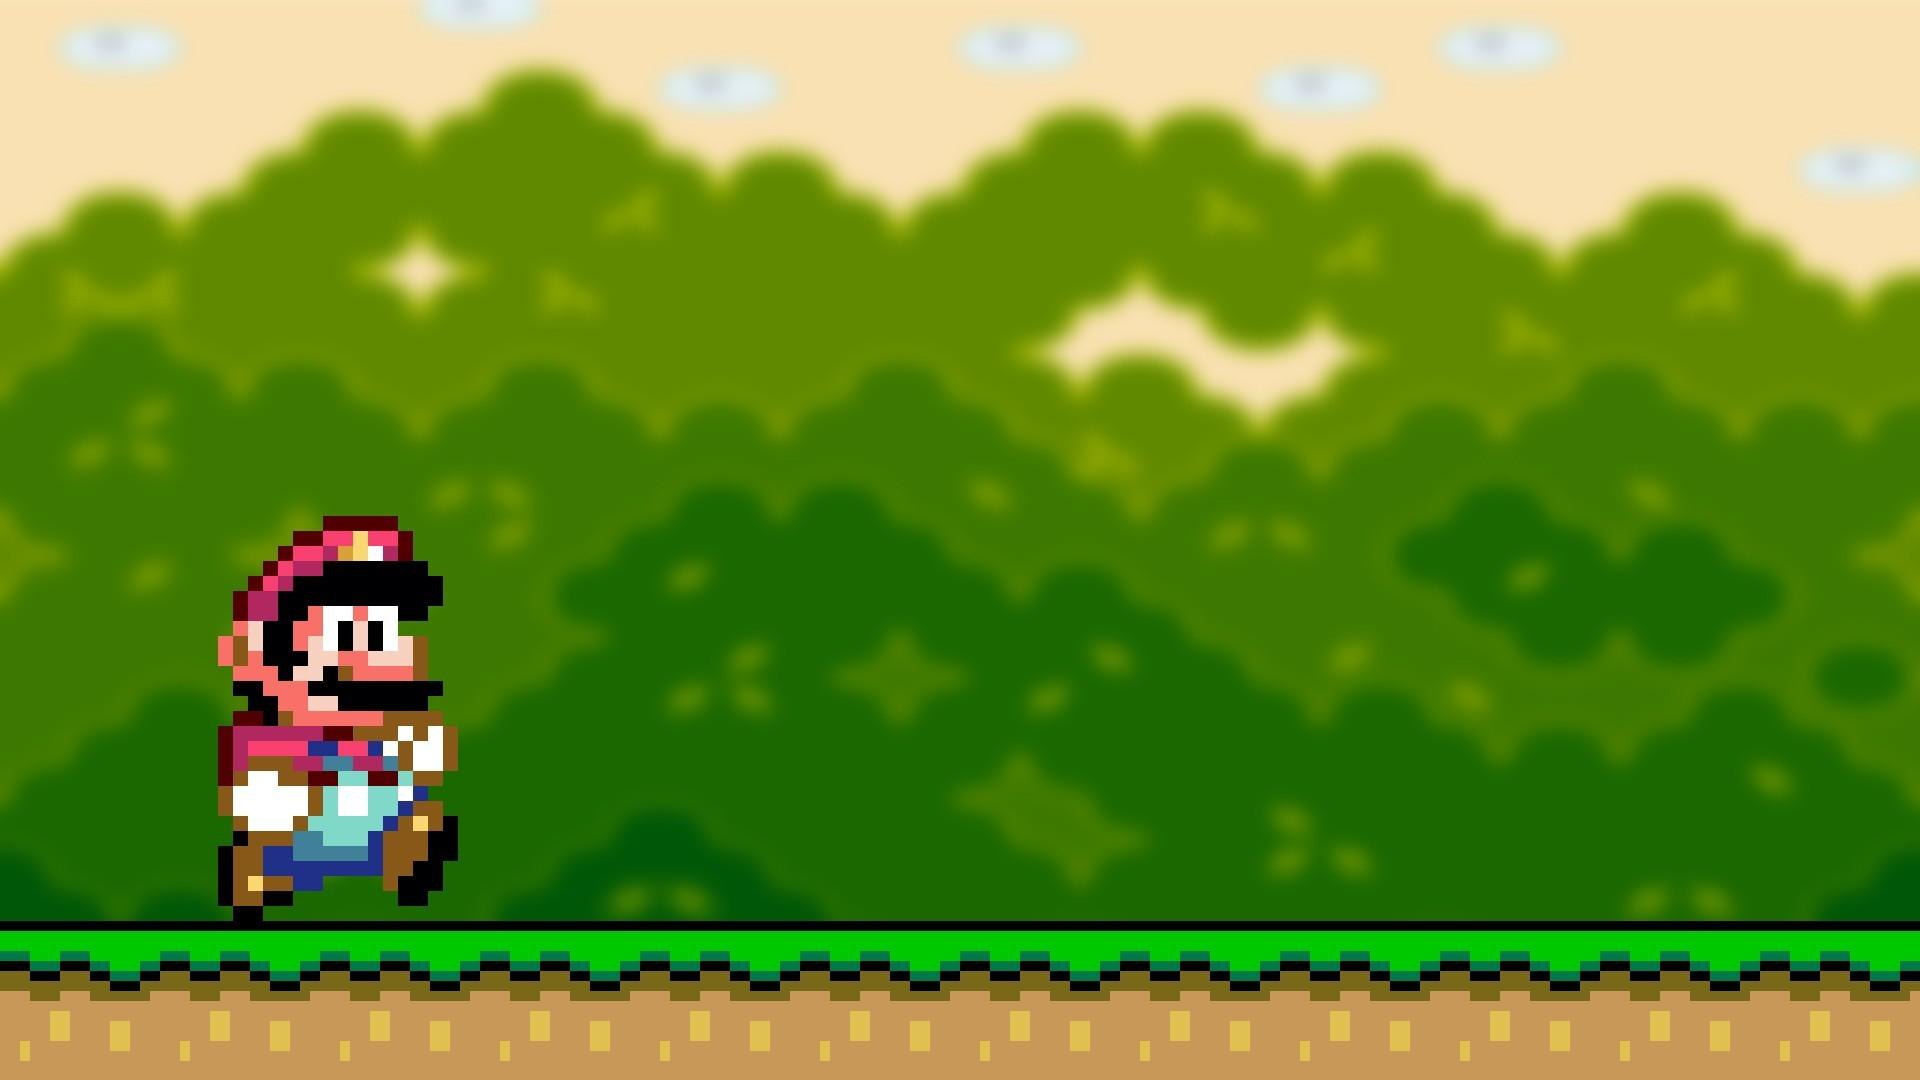 Super Mario 16-bit Wallpaper